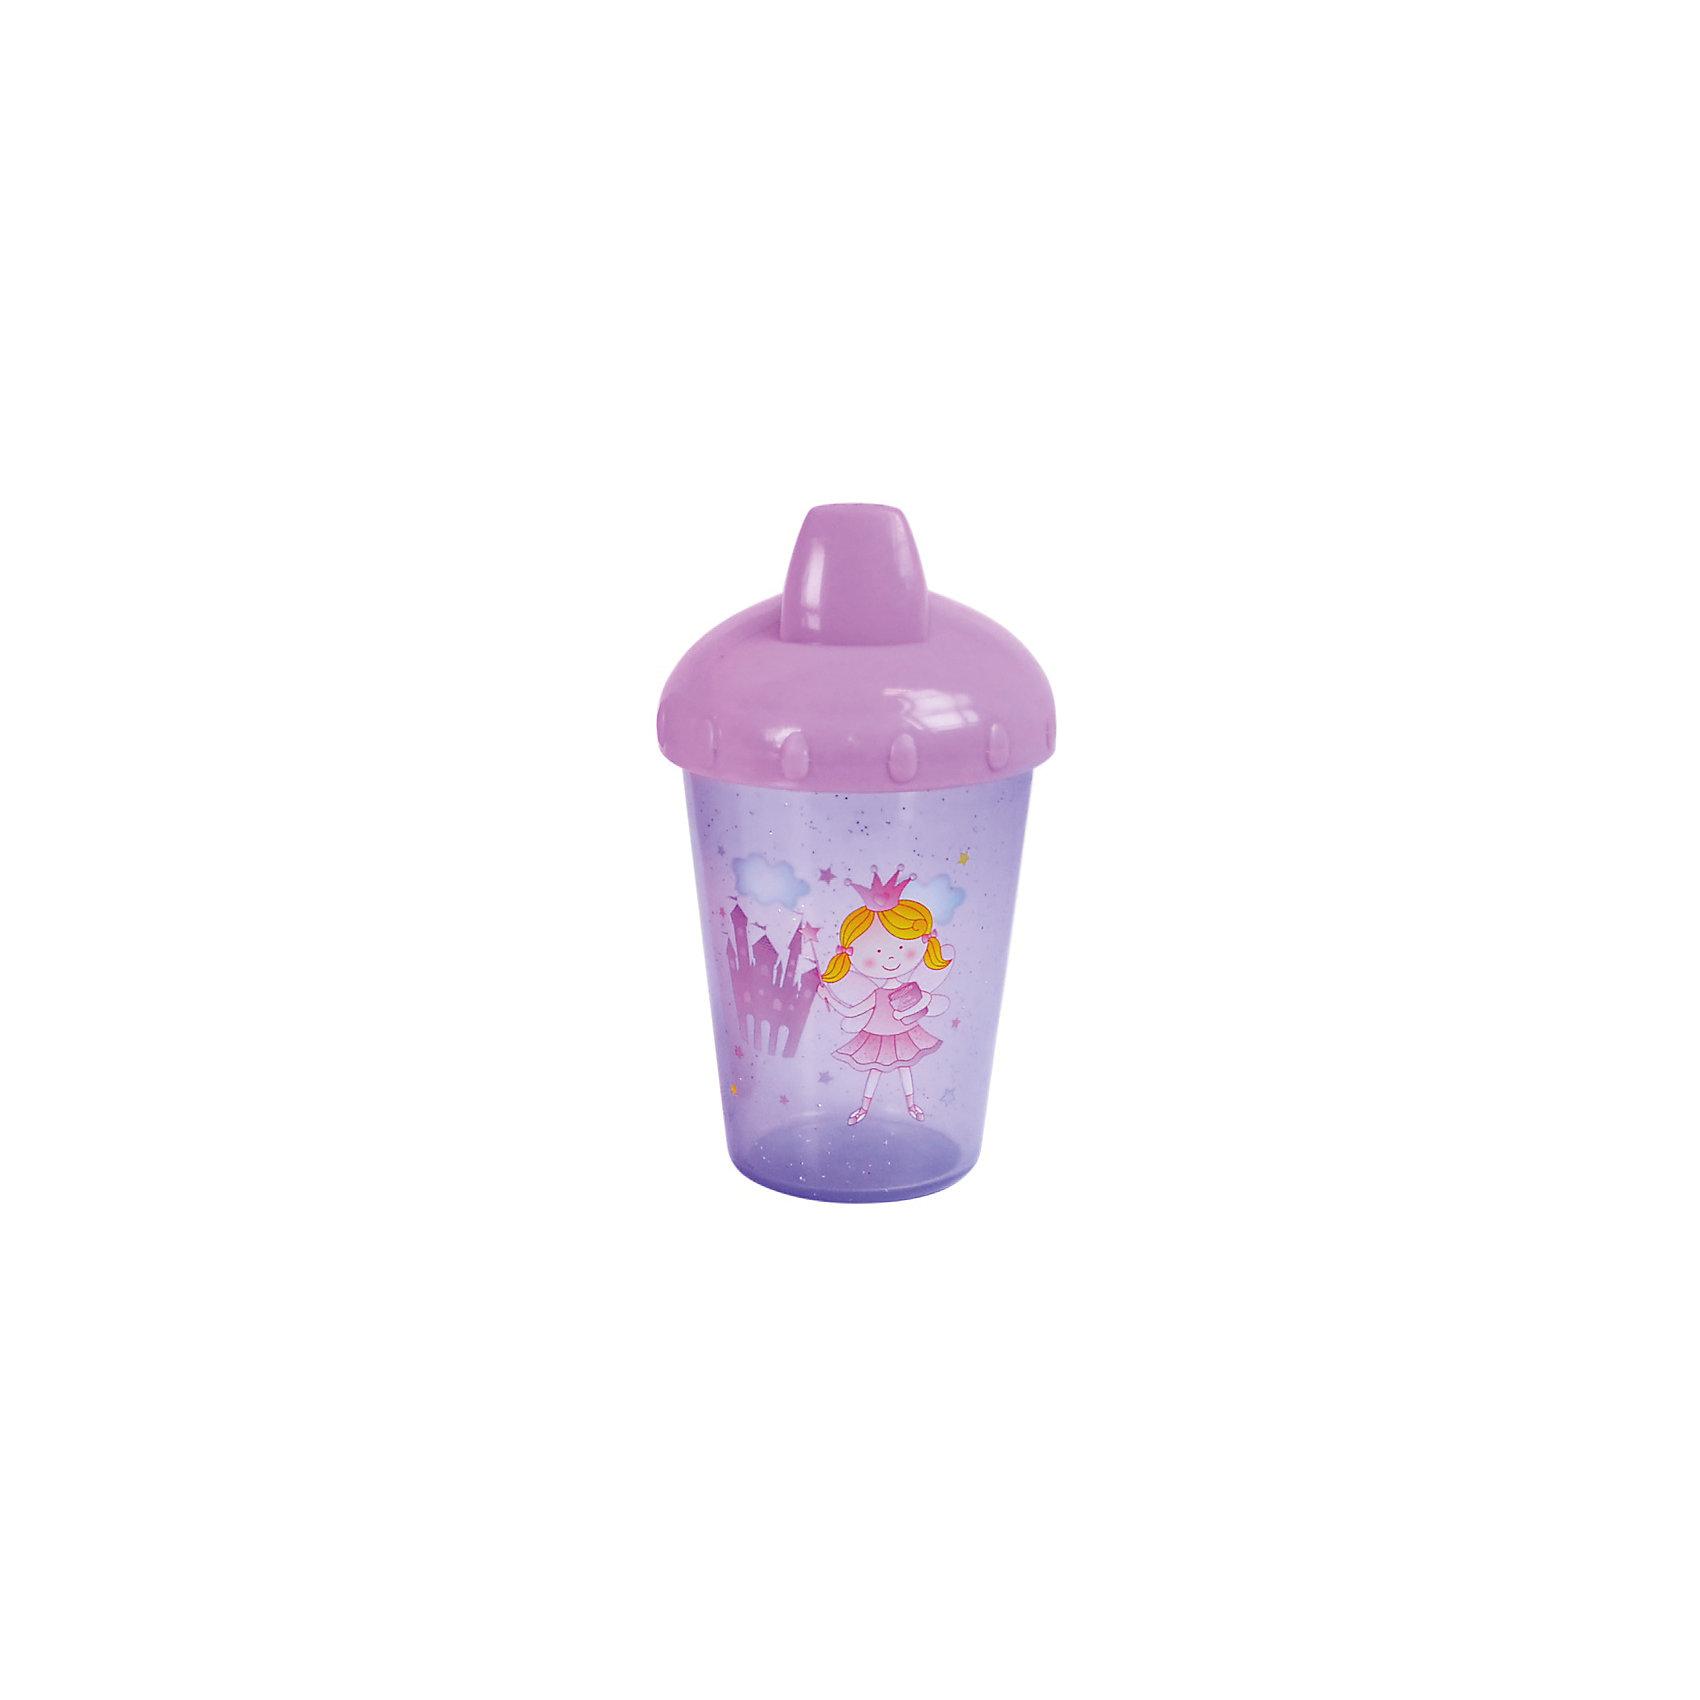 Поильник-непроливайка Принцесса, 260 мл, Kurnosiki, фиолетовыйПоильники<br>Характеристики:<br><br>• Предназначение: для приучения к кружке<br>• Материал: пластик, силикон<br>• Пол: для девочки<br>• Цвет: фиолетовый<br>• Тематика рисунка: принцессы<br>• Объем: 260 мл<br>• Тип носика: жесткий<br>• Удобный широкий носик<br>• Съемная крышка<br>• Силиконовый-клапан непроливайка<br>• Можно использовать как для холодных, так и для горячих напитков<br>• Вес: 100 г<br>• Особенности ухода: разрешается мыть в посудомоечной машине<br><br>Поильник-непроливайка Принцесса, 260 мл, Kurnosiki, фиолетовый изготовлен из безопасного и ударопрочного пластика, устойчивого к появлению царапин и сколов. Форма изделия выполнена с учетом особенностей размера детских ручек, поэтому малышу будет удобно держать поильник. <br><br>Крышка оснащена твердым широким носиком, который обеспечивает оптимальный поток жидкости. Крышка с носиком плотно и герметично фиксируется на стакане, дополнительно предусмотрен силиконовый клапан, который защищает от проливания и протекания. <br><br>Изделие выполнено в ярком дизайне: стакан декорирован блестками и изображением принцессы. Без крышки изделие можно использовать в качестве стакана. С поильником-непроливайкой Принцесса, 260 мл, Kurnosiki, фиолетовый ваш малыш легко и быстро научится пить из кружки!<br><br>Поильник-непроливайку Принцесса, 260 мл, Kurnosiki, фиолетовый можно купить в нашем интернет-магазине.<br><br>Ширина мм: 80<br>Глубина мм: 100<br>Высота мм: 190<br>Вес г: 70<br>Возраст от месяцев: 4<br>Возраст до месяцев: 36<br>Пол: Женский<br>Возраст: Детский<br>SKU: 5428732